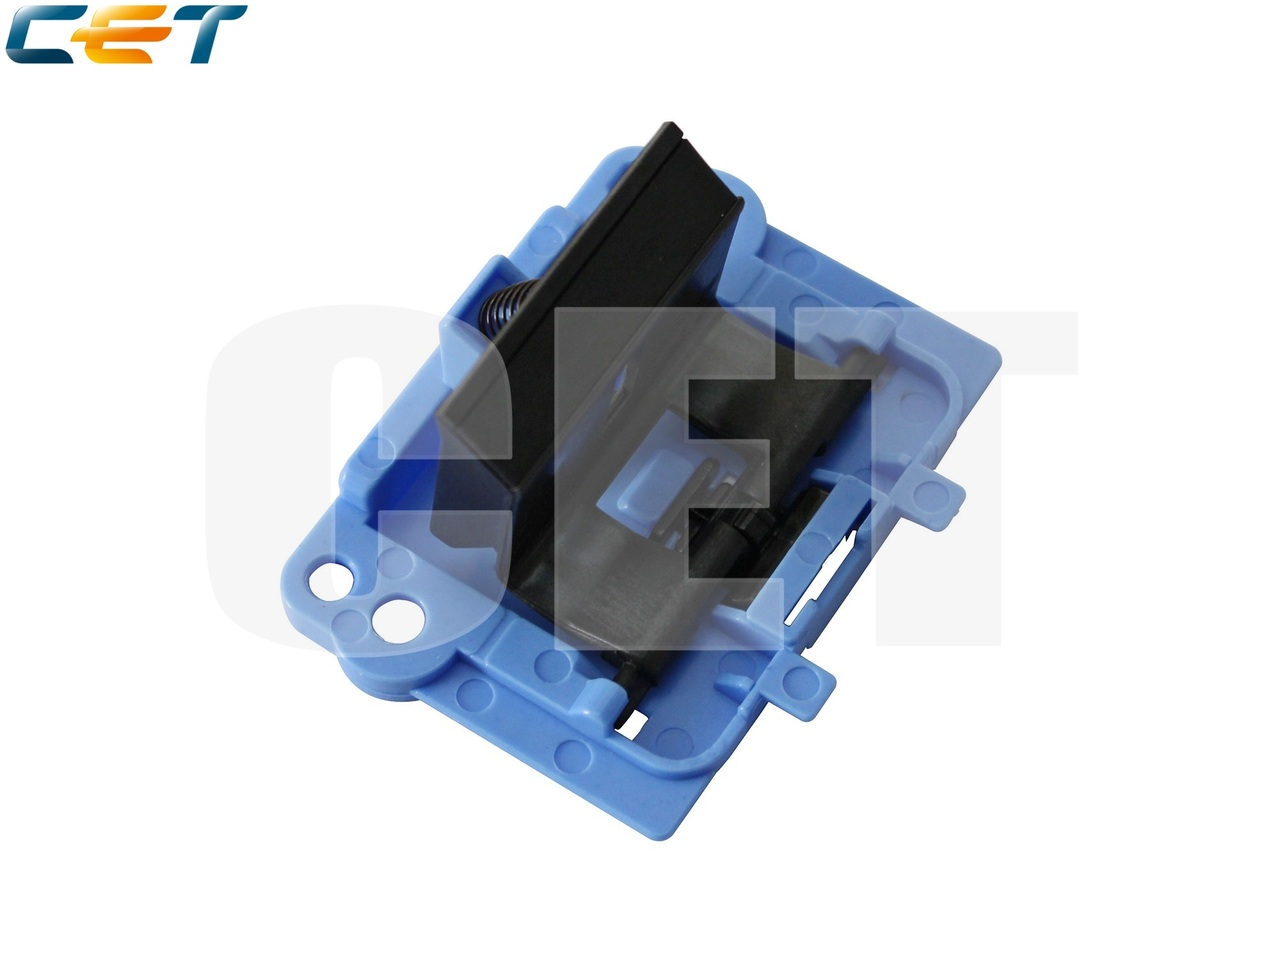 Тормозная площадка RM1-4006-000 для HP LaserJet P1006/HPLaserJet Pro M125/M126/HP LaserJet Pro P1102w (CET),CET4703